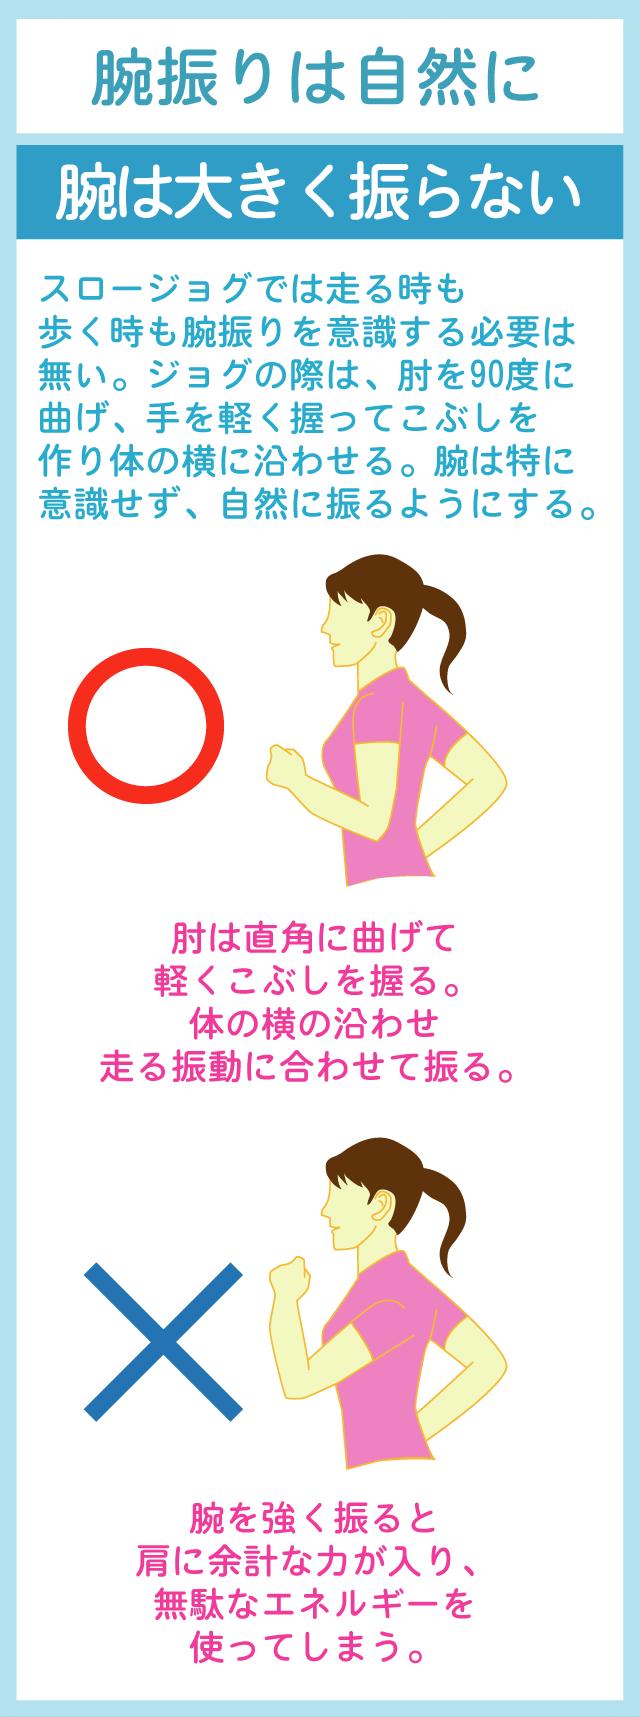 腕の振りは自然体で行うこともスロージョギングの特徴